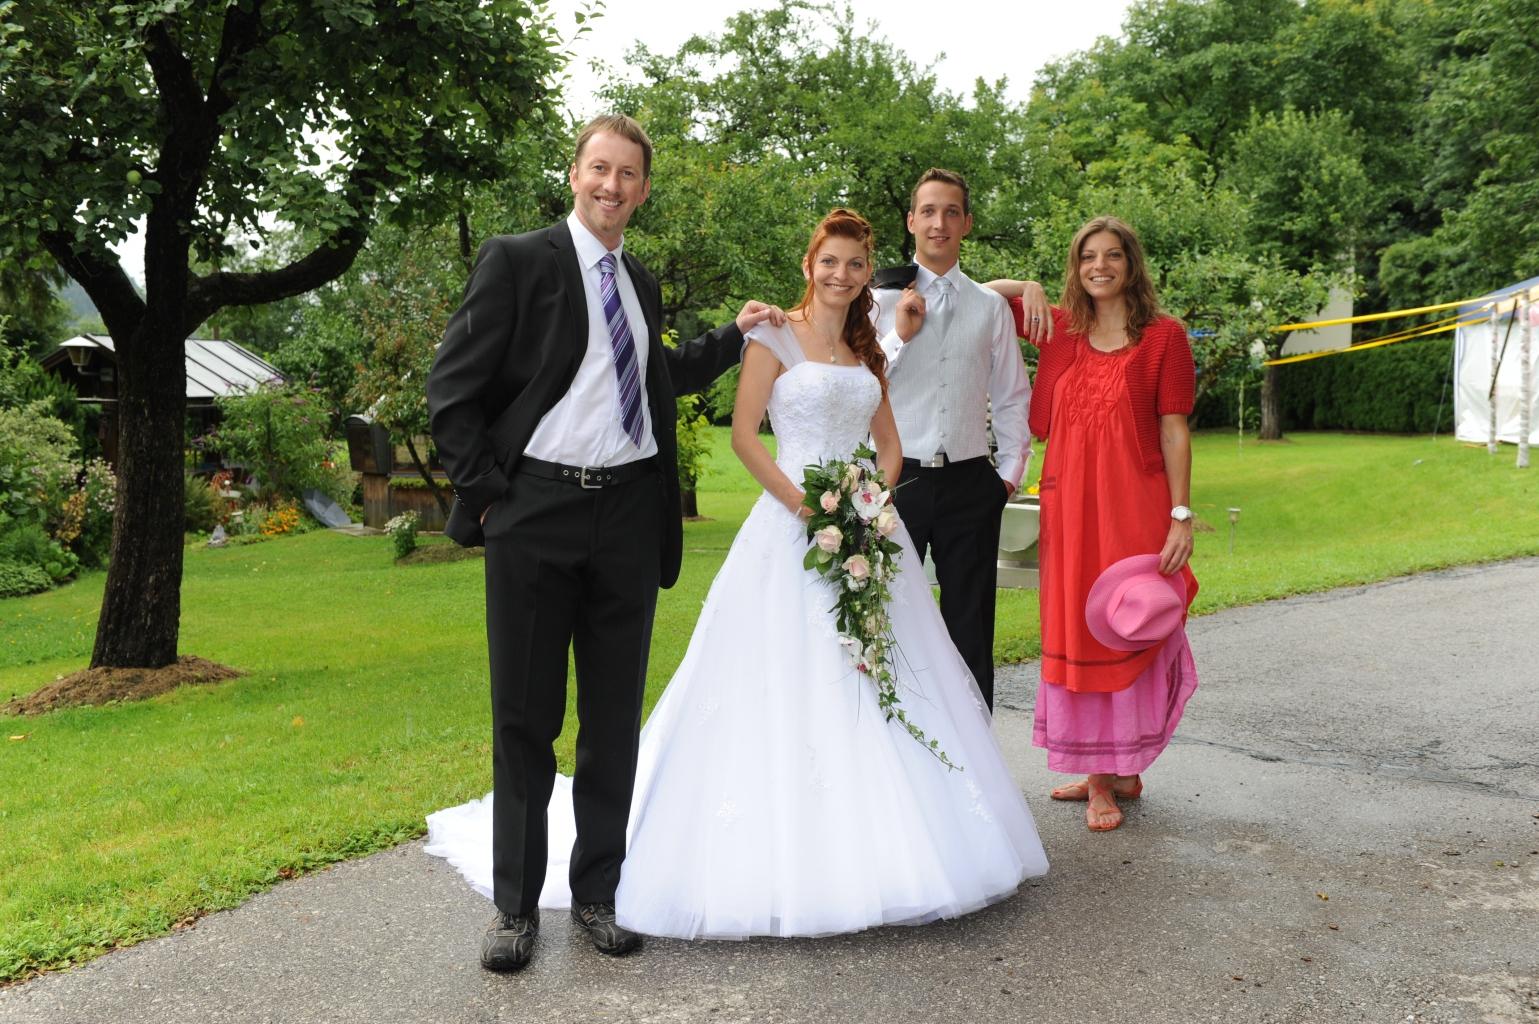 Frauenkirchen Mdels Kennenlernen Ziersdorf Partnersuche 50